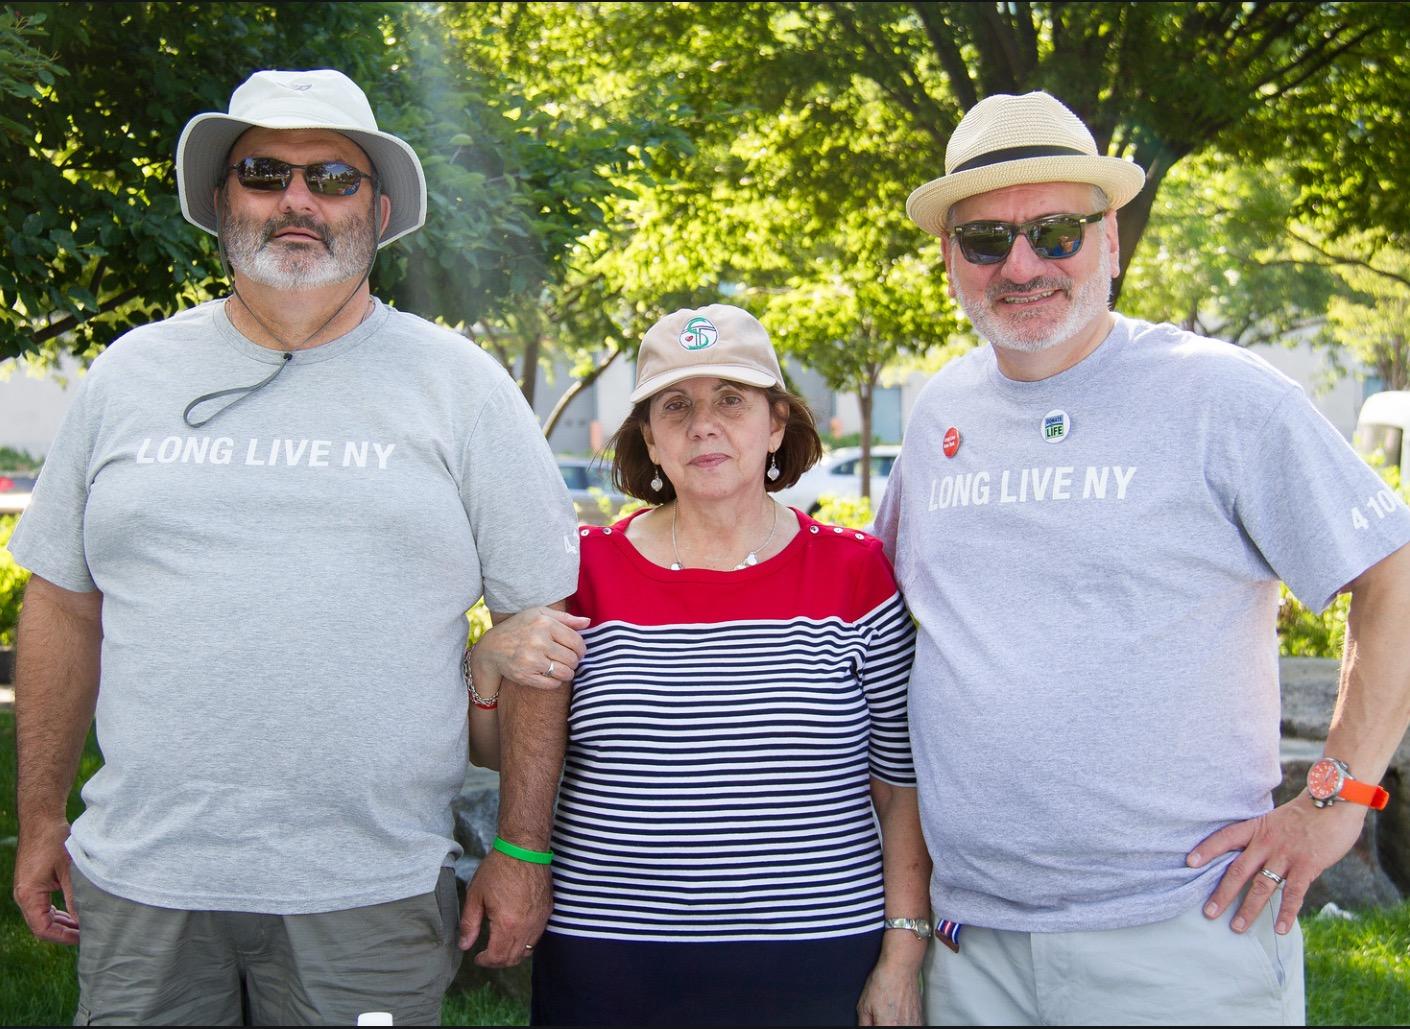 Liver walk 2016